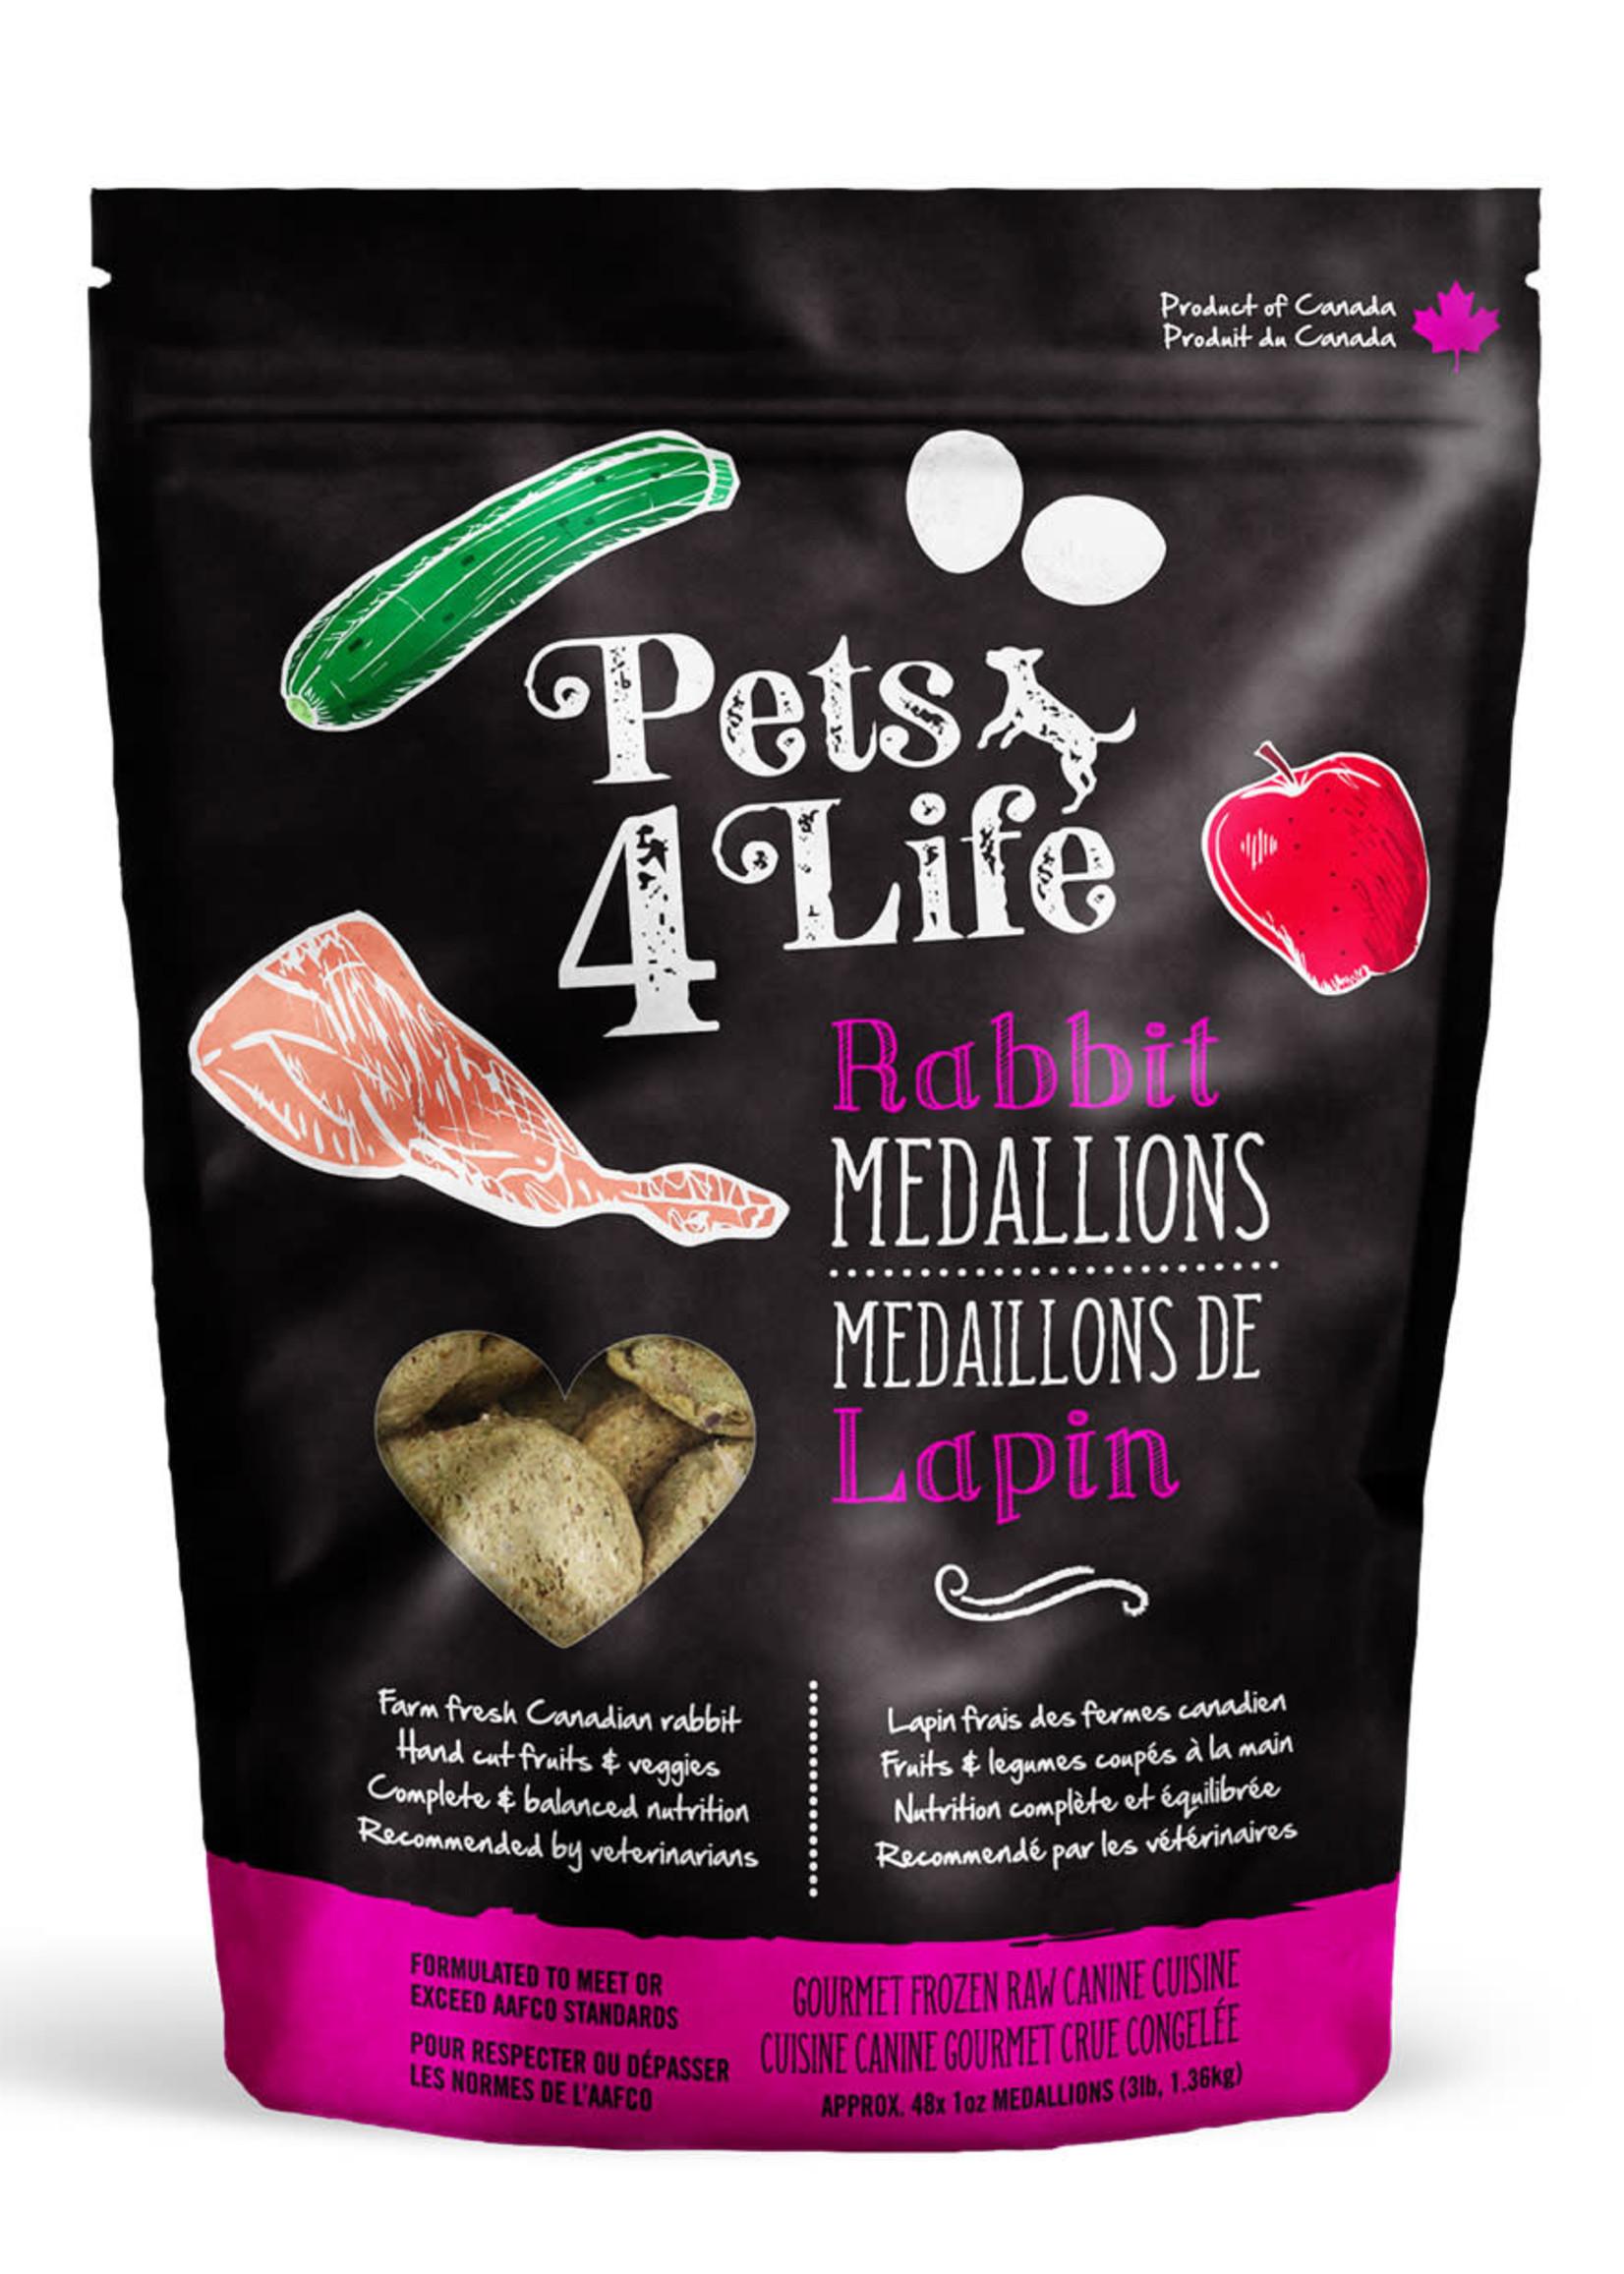 Pets4Life Pets4Life Rabbit Medallions 3lbs